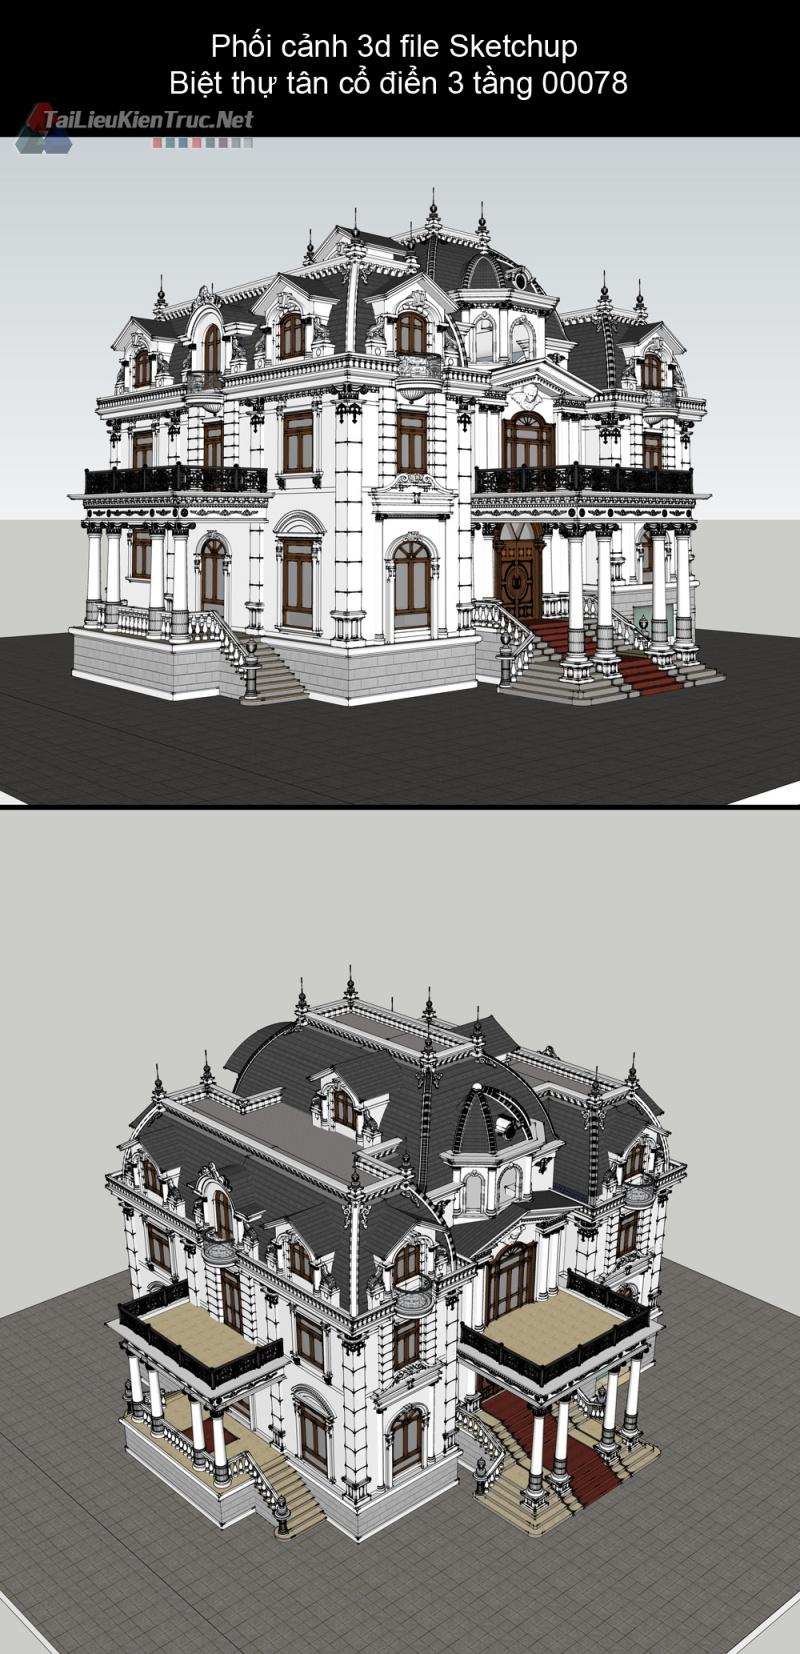 Phối cảnh 3d file Sketchup Biệt thự hiện đại 3 tầng tân cổ điển 00078